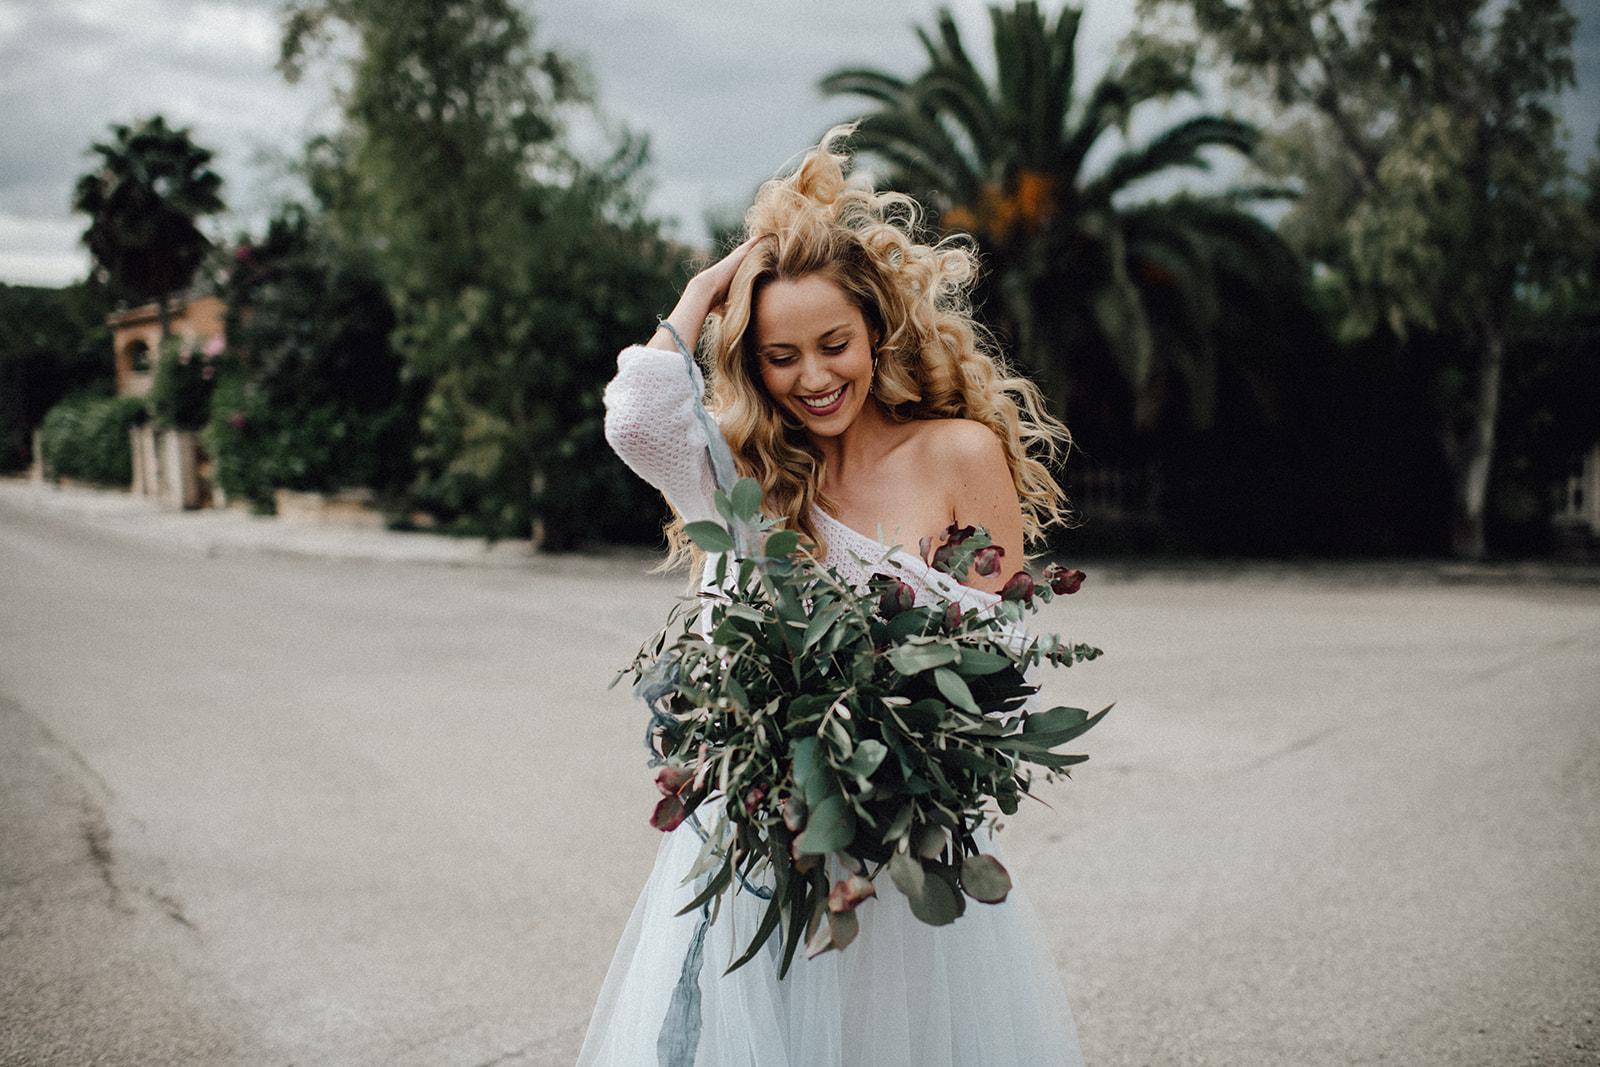 noni, Brautkleid Zweiteiler, modern, mit Brautpulli in Ivory mit Dreiviertelärmeln und langem, blauem Tüllrock